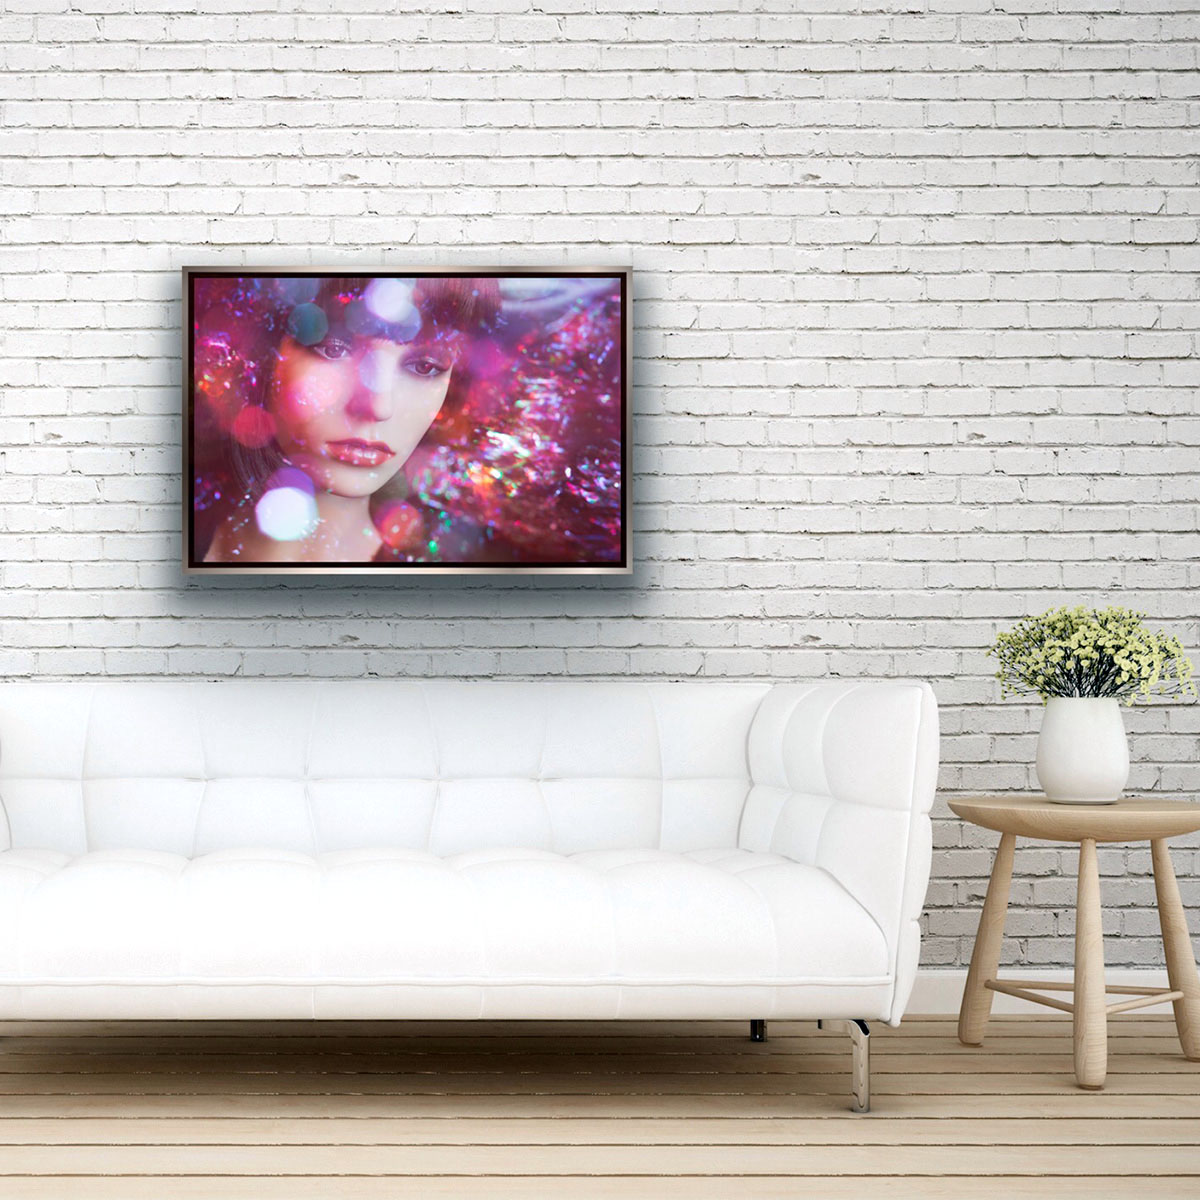 JULIETTE'S DREAM by Grete Hjorth-Johansen, viewed in a room